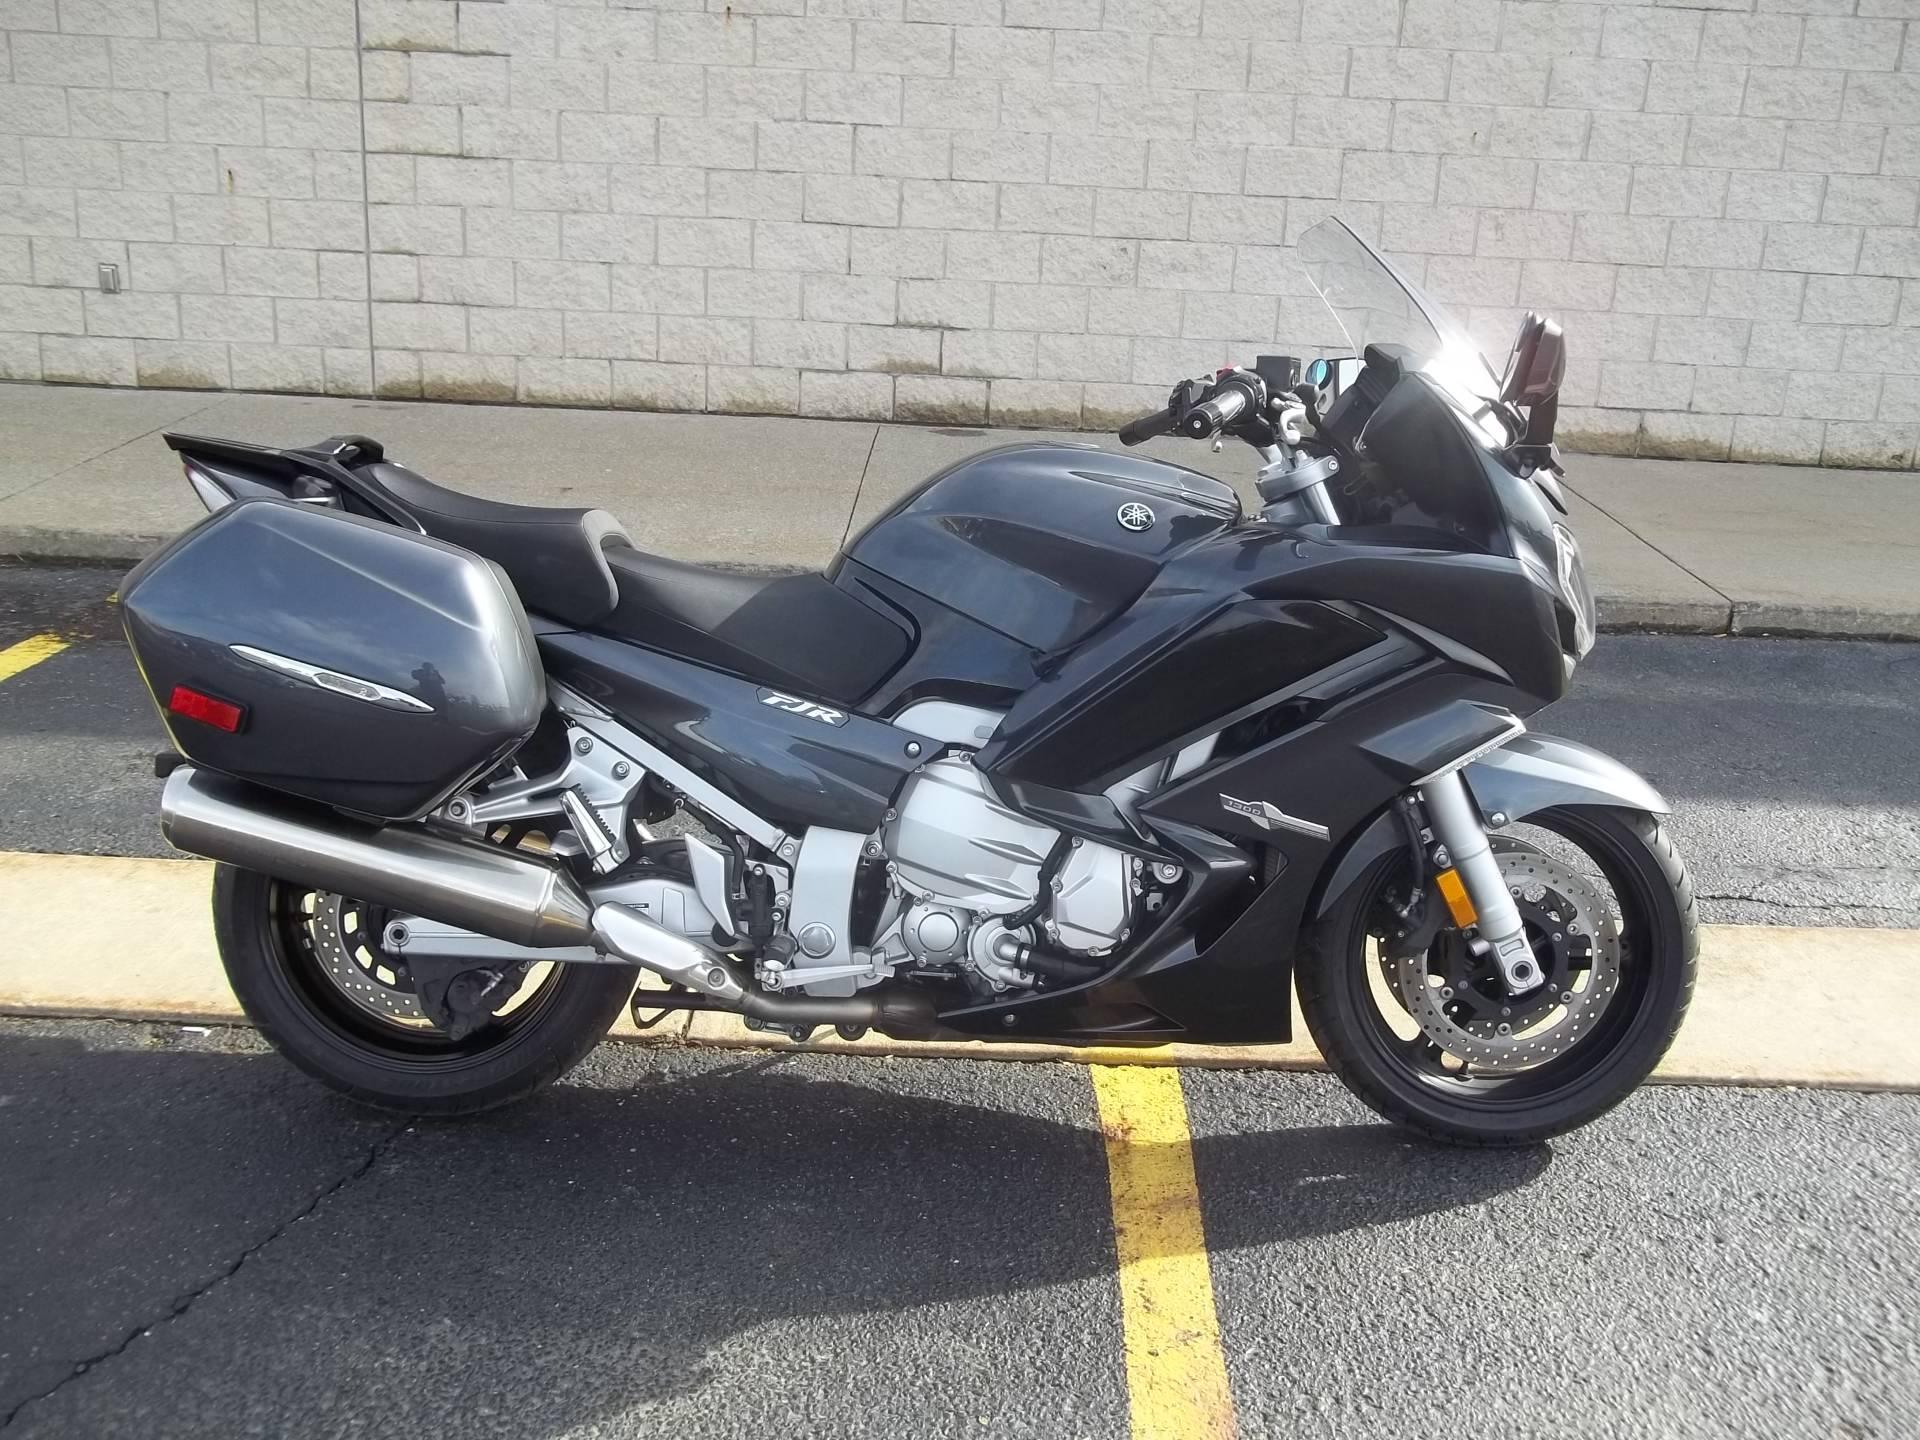 2015 Yamaha FJR1300A for sale 139912